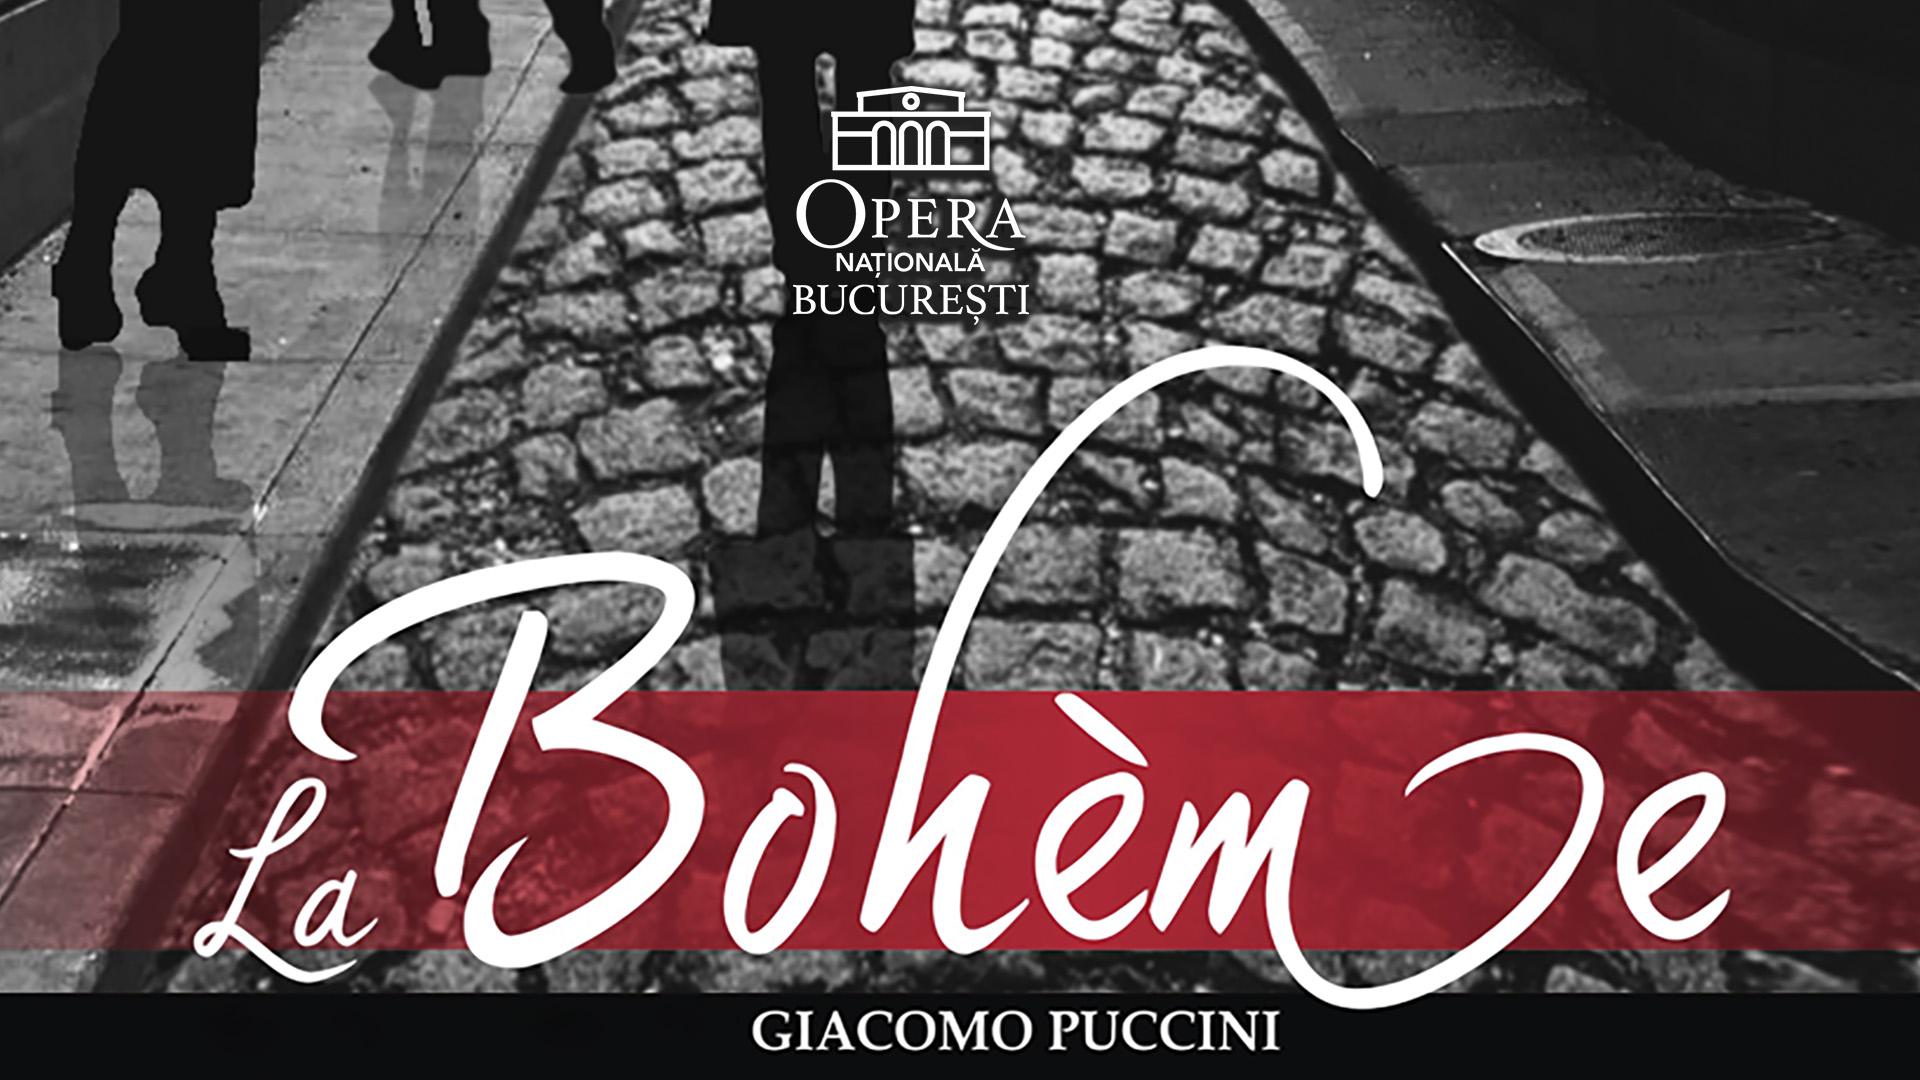 Puccini La Boh?me Raftul cu idei Opera Nationala Bucuresti